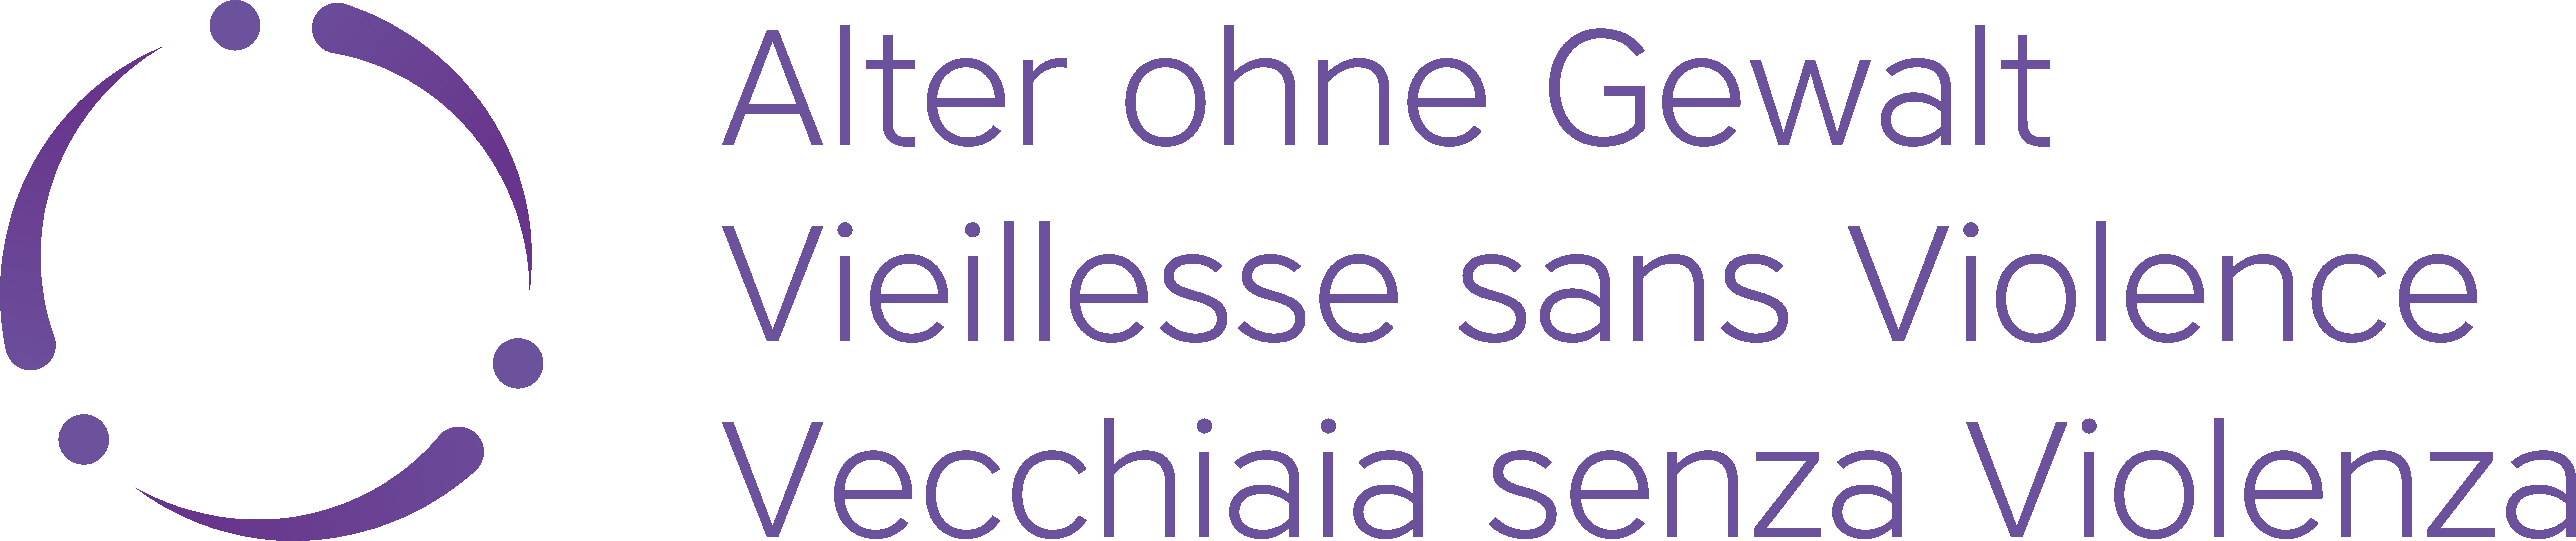 Bericht im TopOnline zur neuen nationalen Anlaufstelle Alter ohne Gewalt